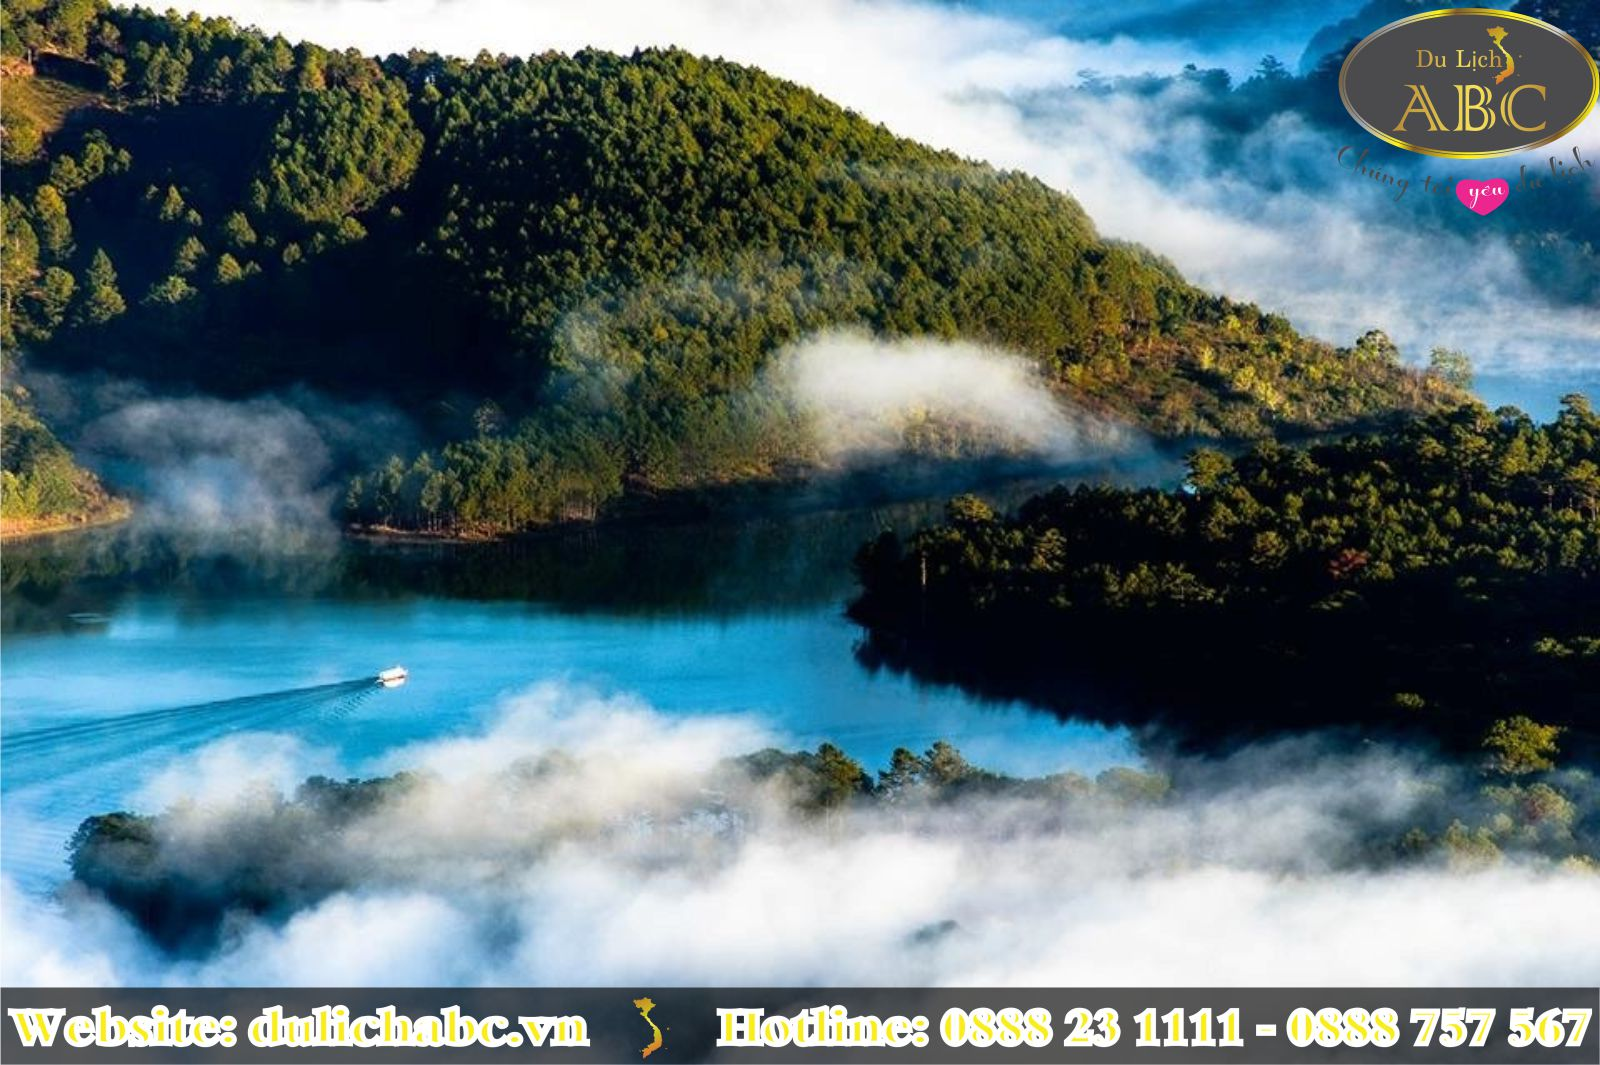 6 Hồ Nước Đẹp Tuyệt Vời ở Đà Lạt